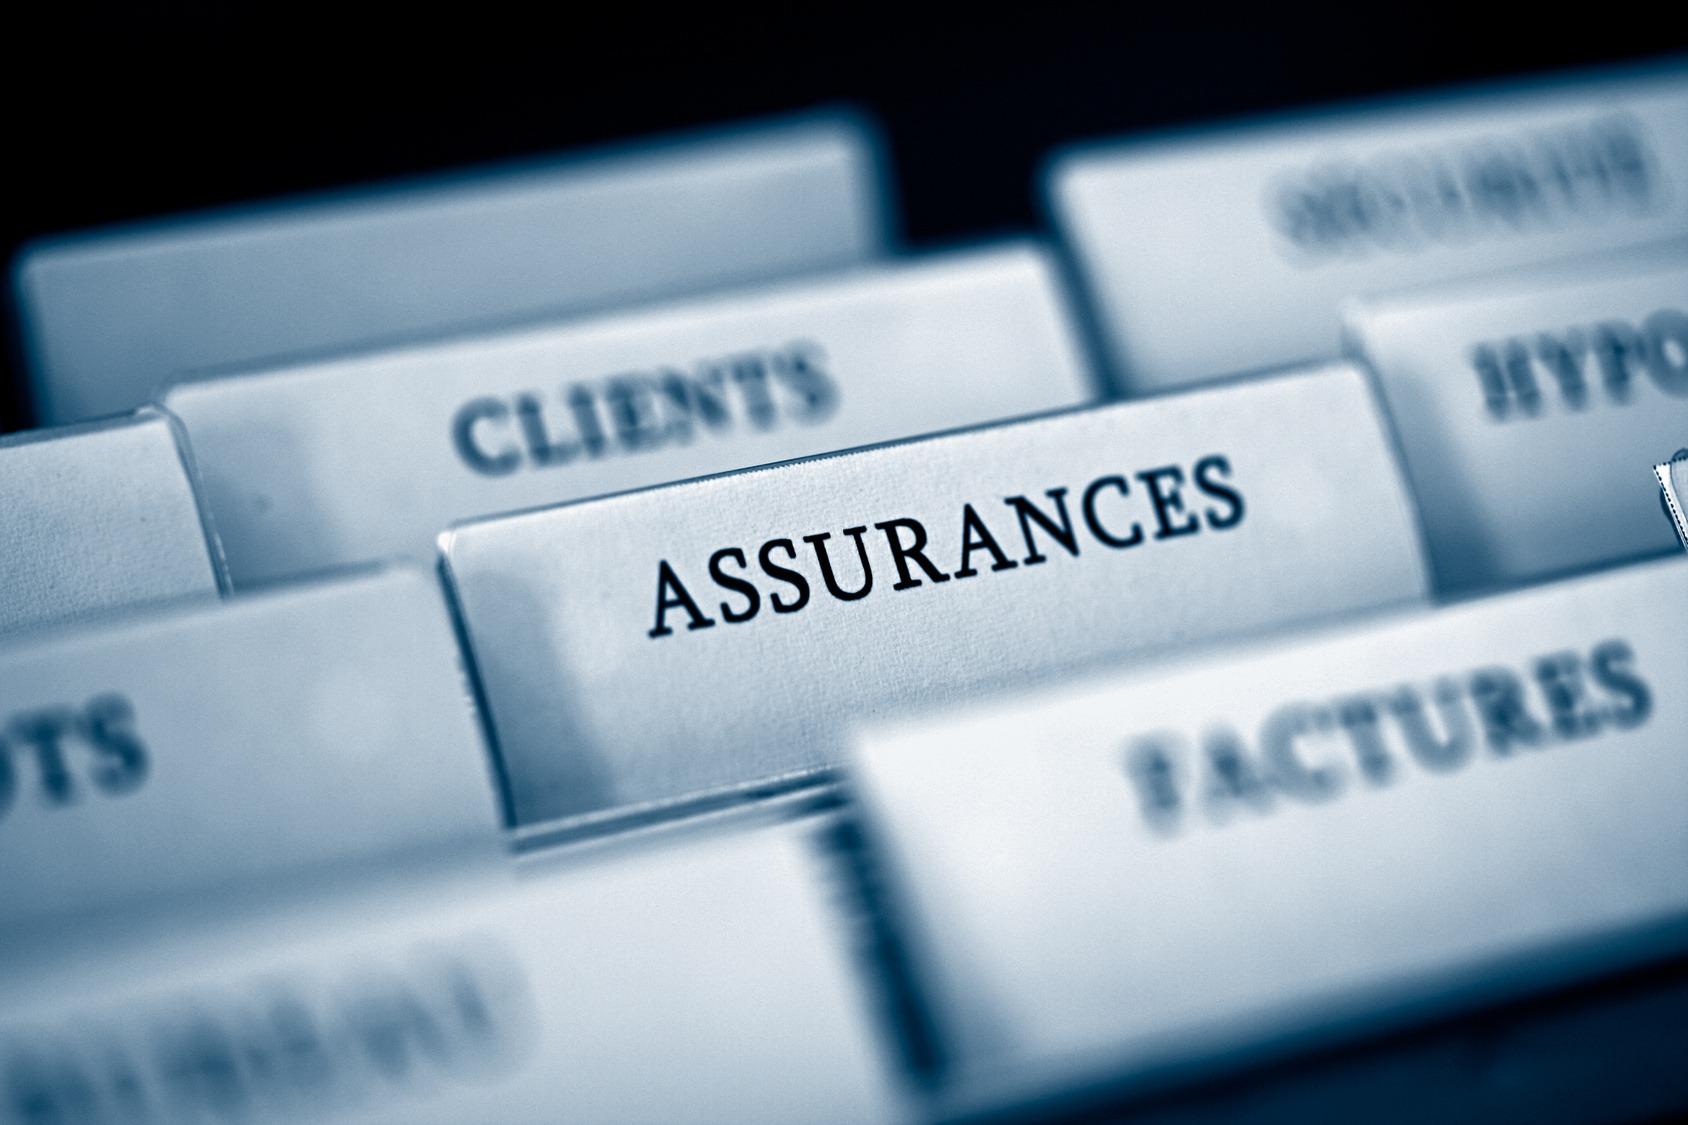 L'assurance crédit s'ajuste